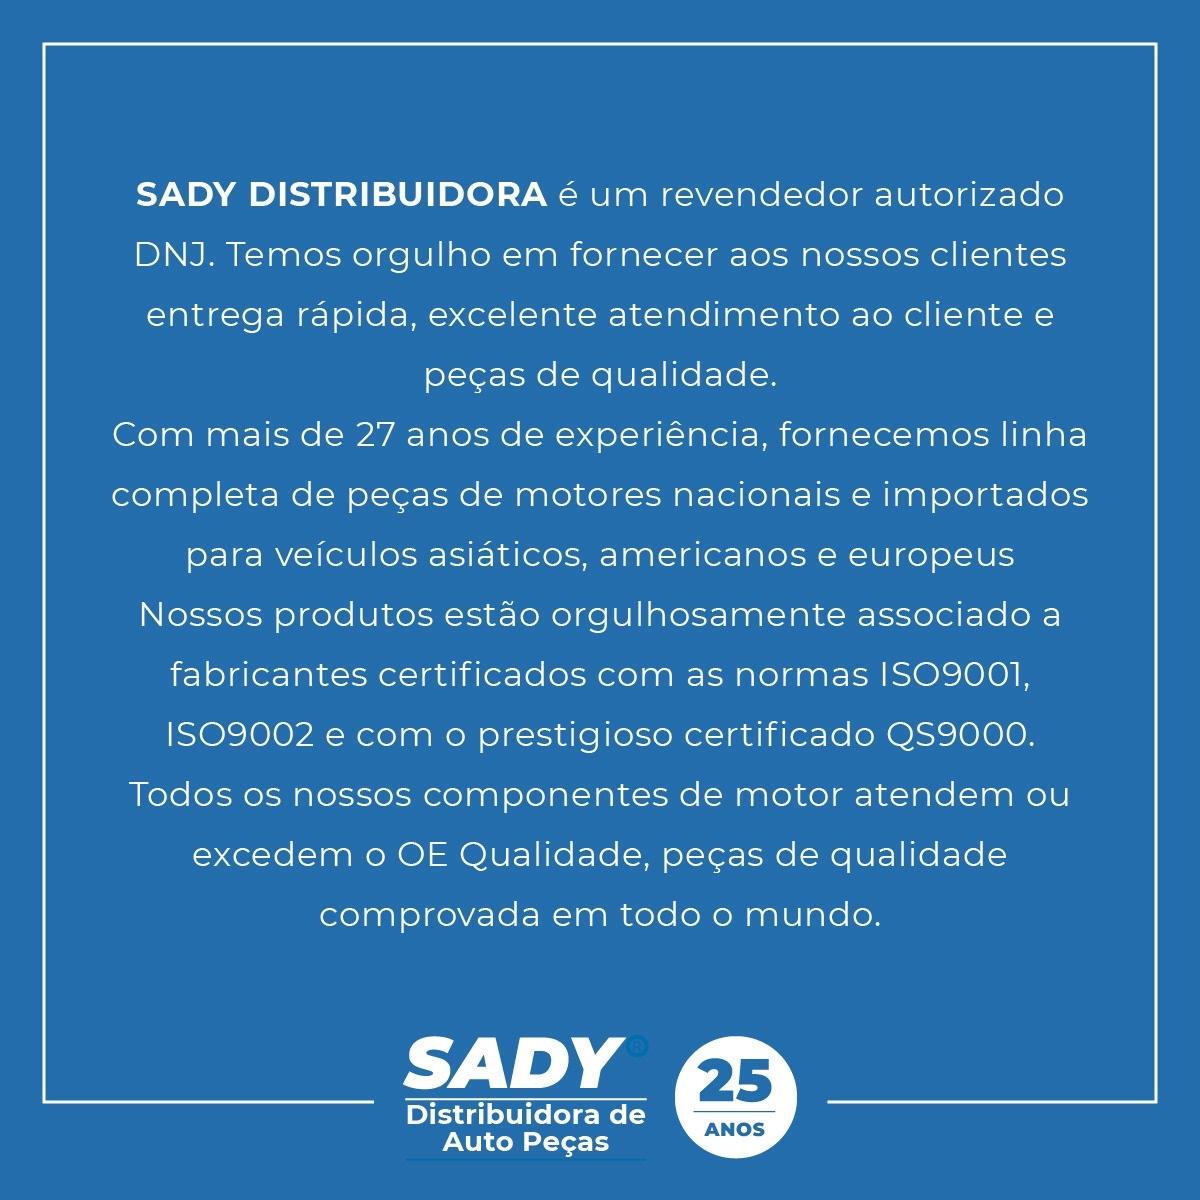 BOMBA DE OLEO DO MOTOR FORD 1.0/1.6 ZETEC ROCAM CHAVETADA